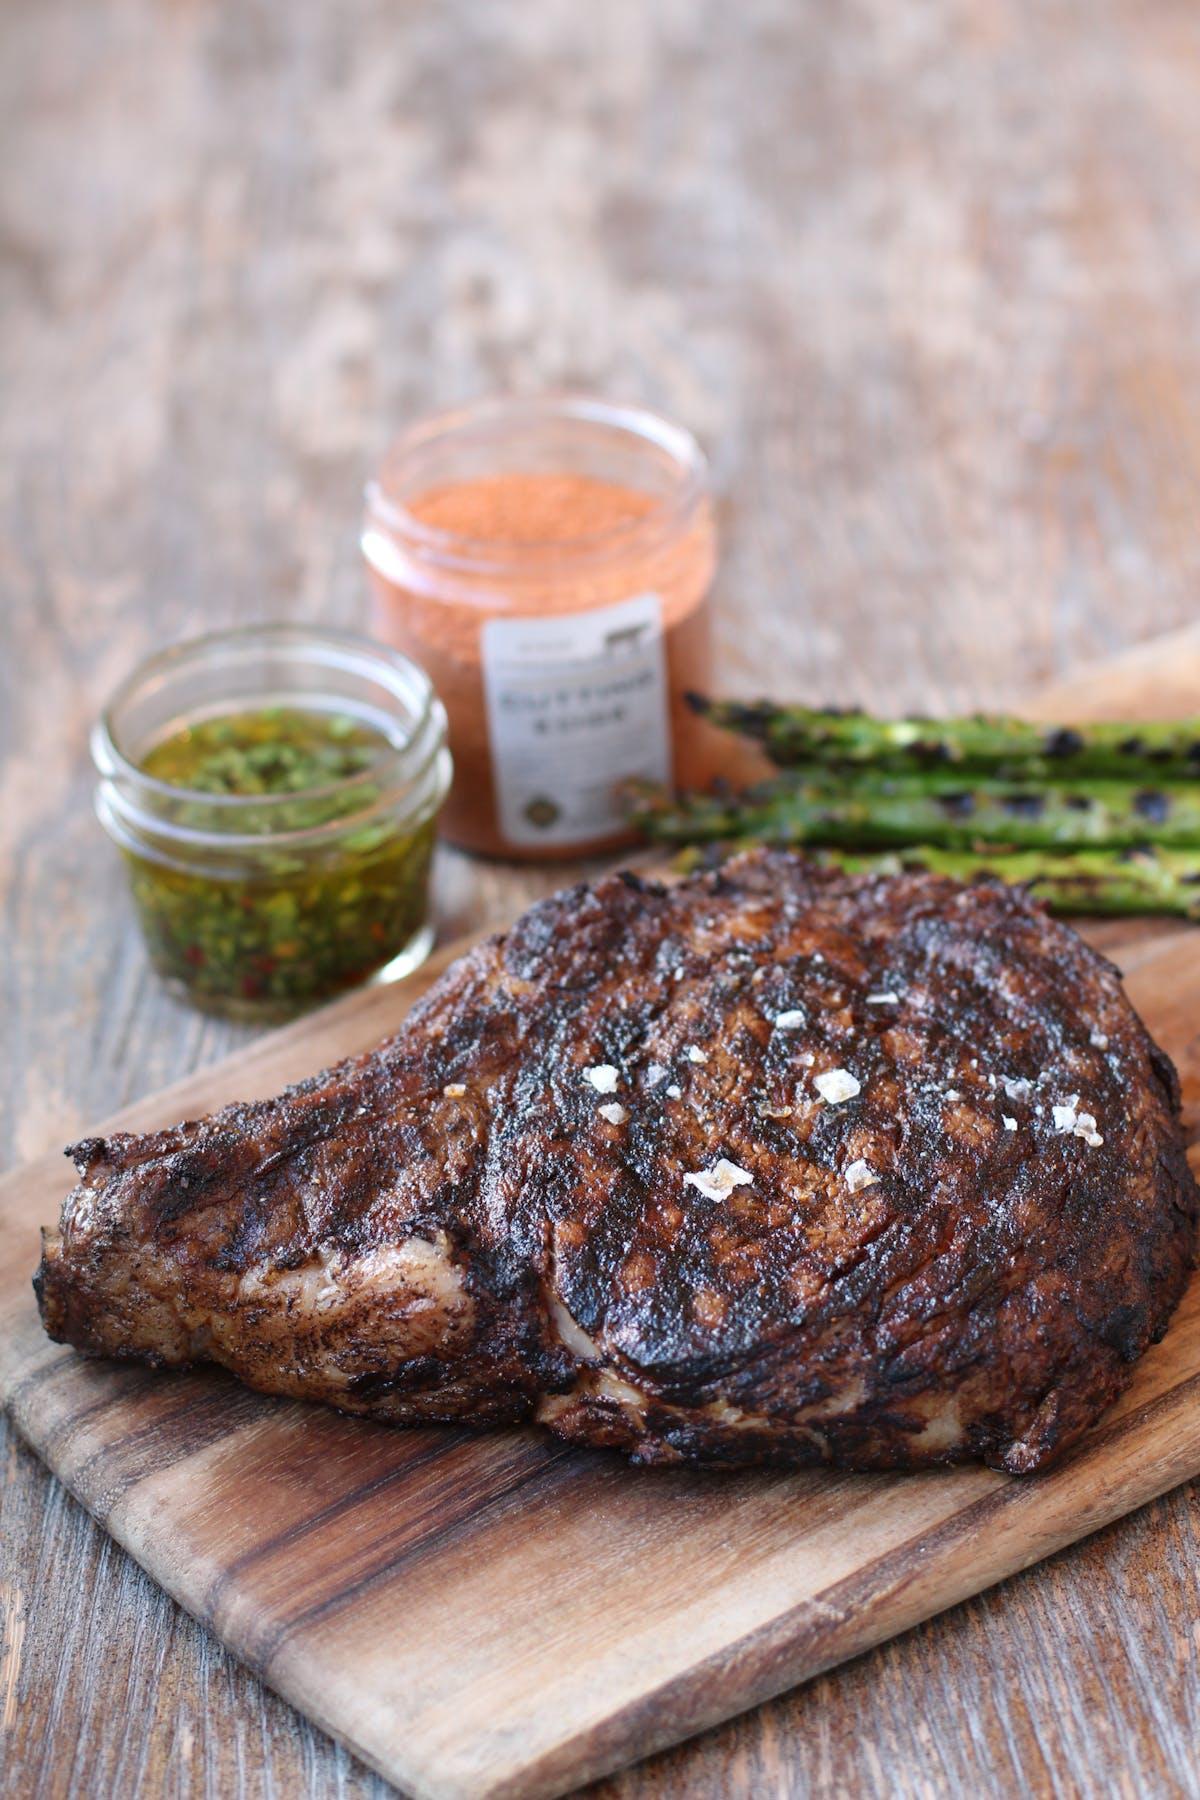 Steak on a wooden cutting board